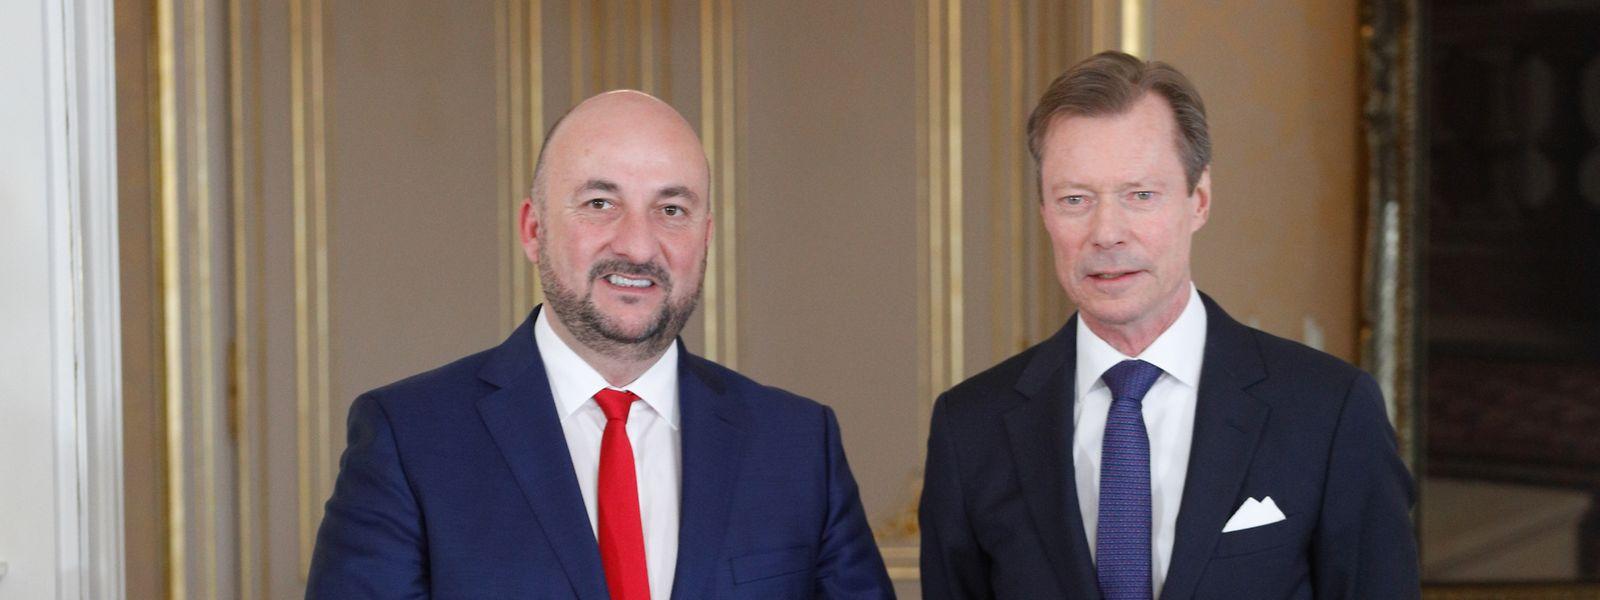 Huit ans pile après avoir été nommé vice-Premier ministre du premier gouvernement inédit DP-LSAP-déi Gréng, Etienne Schneider a officiellement remis sa démission au Grand-Duc.